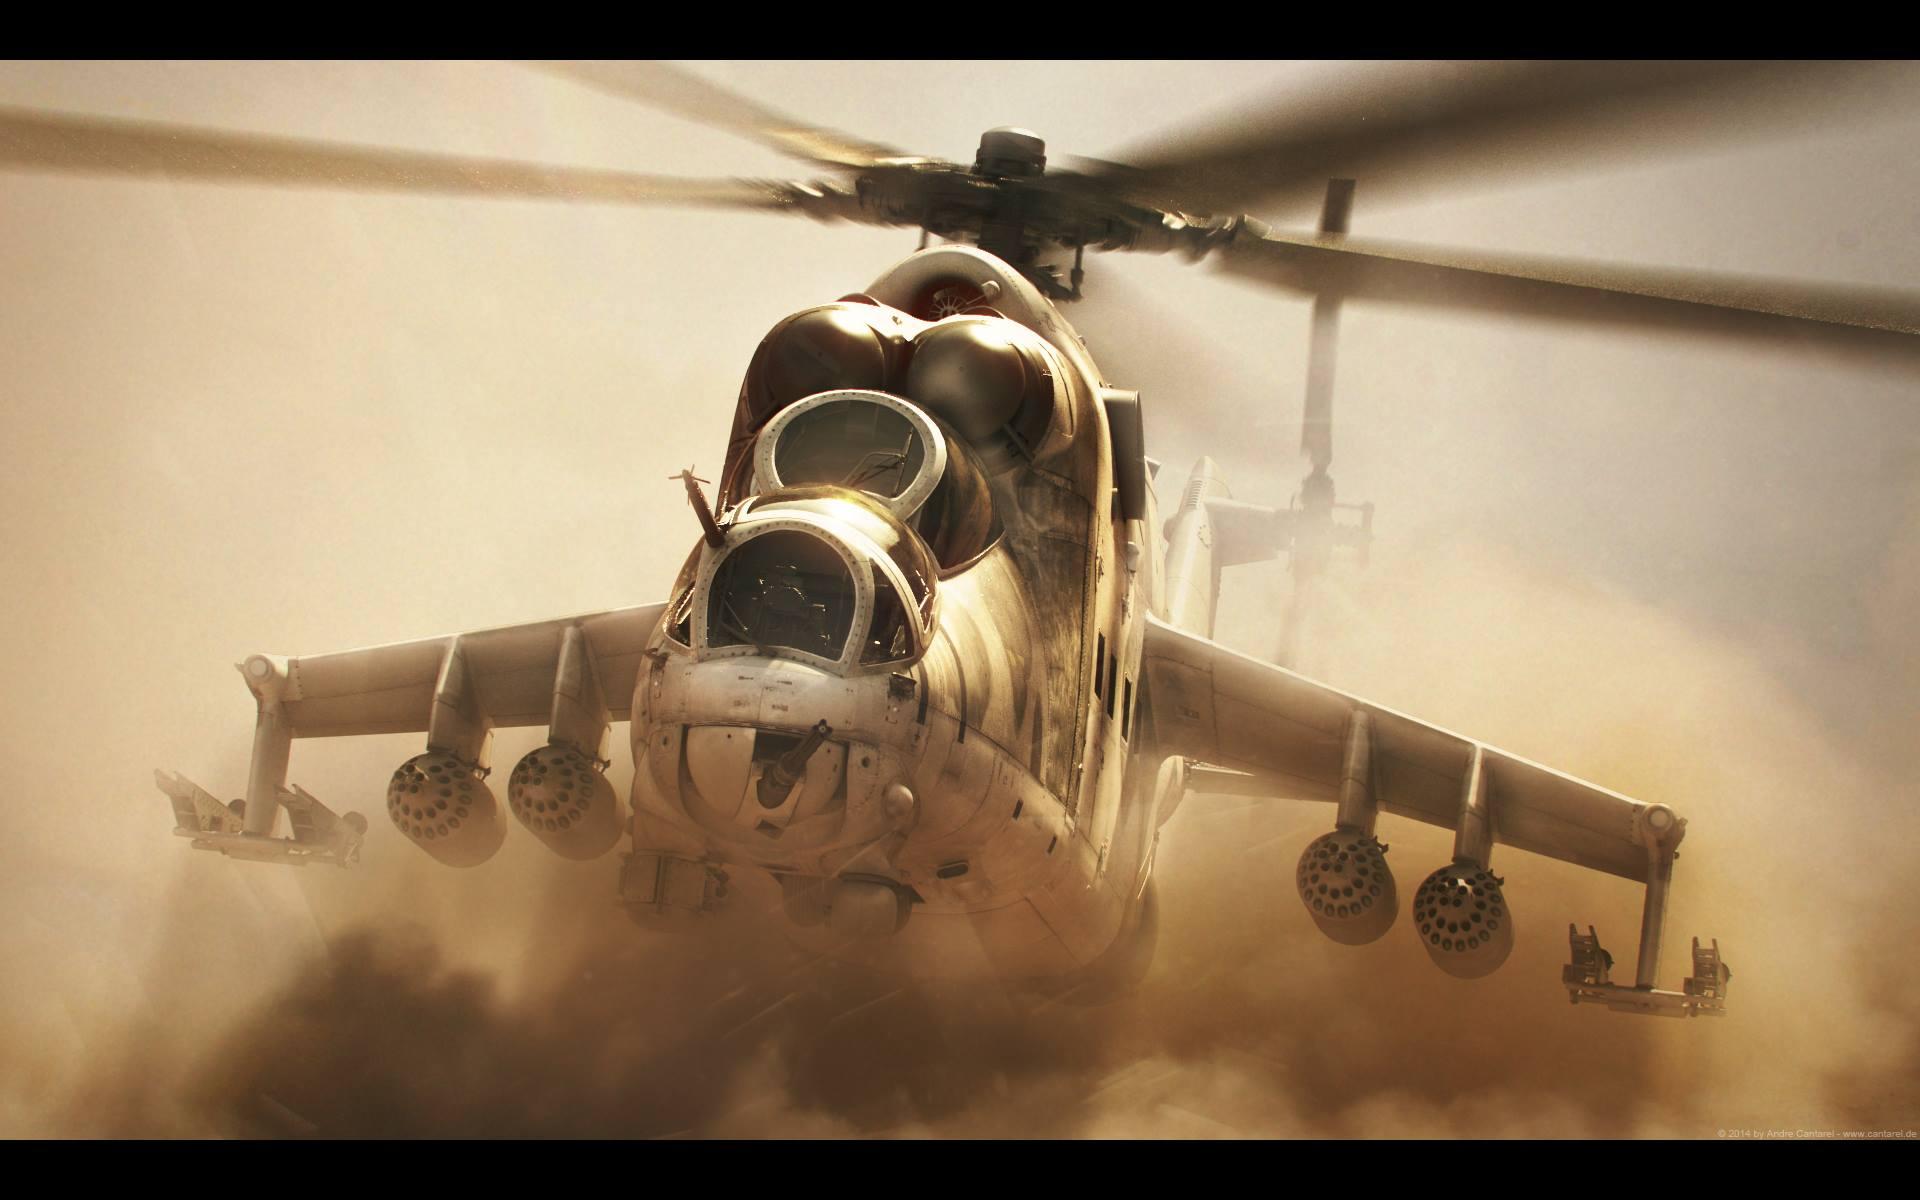 Un Elicottero : Modellazione e texturing di un elicottero mi in ds max